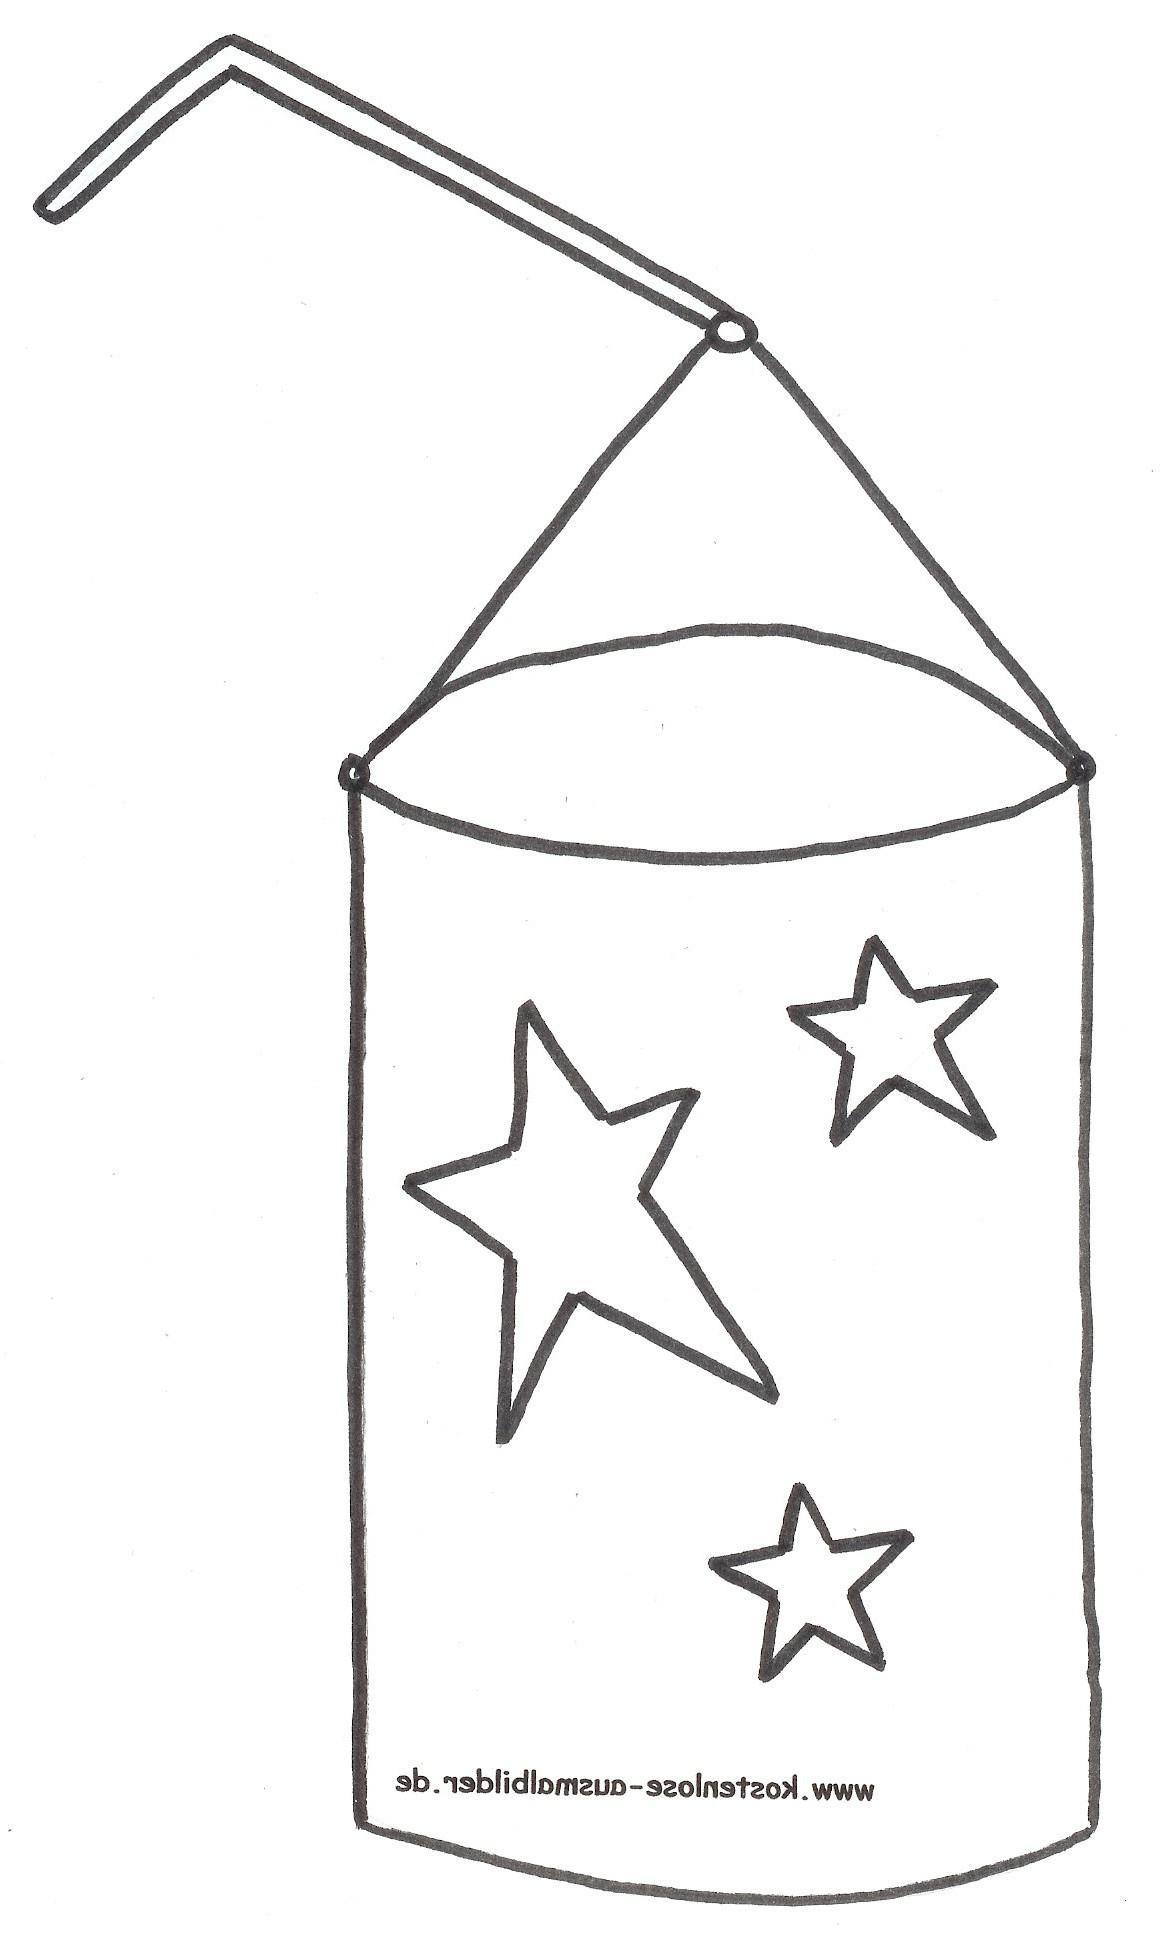 Sankt Martin Ausmalbilder Einzigartig 24 Lecker Ausmalbilder St Martin – Malvorlagen Ideen Galerie